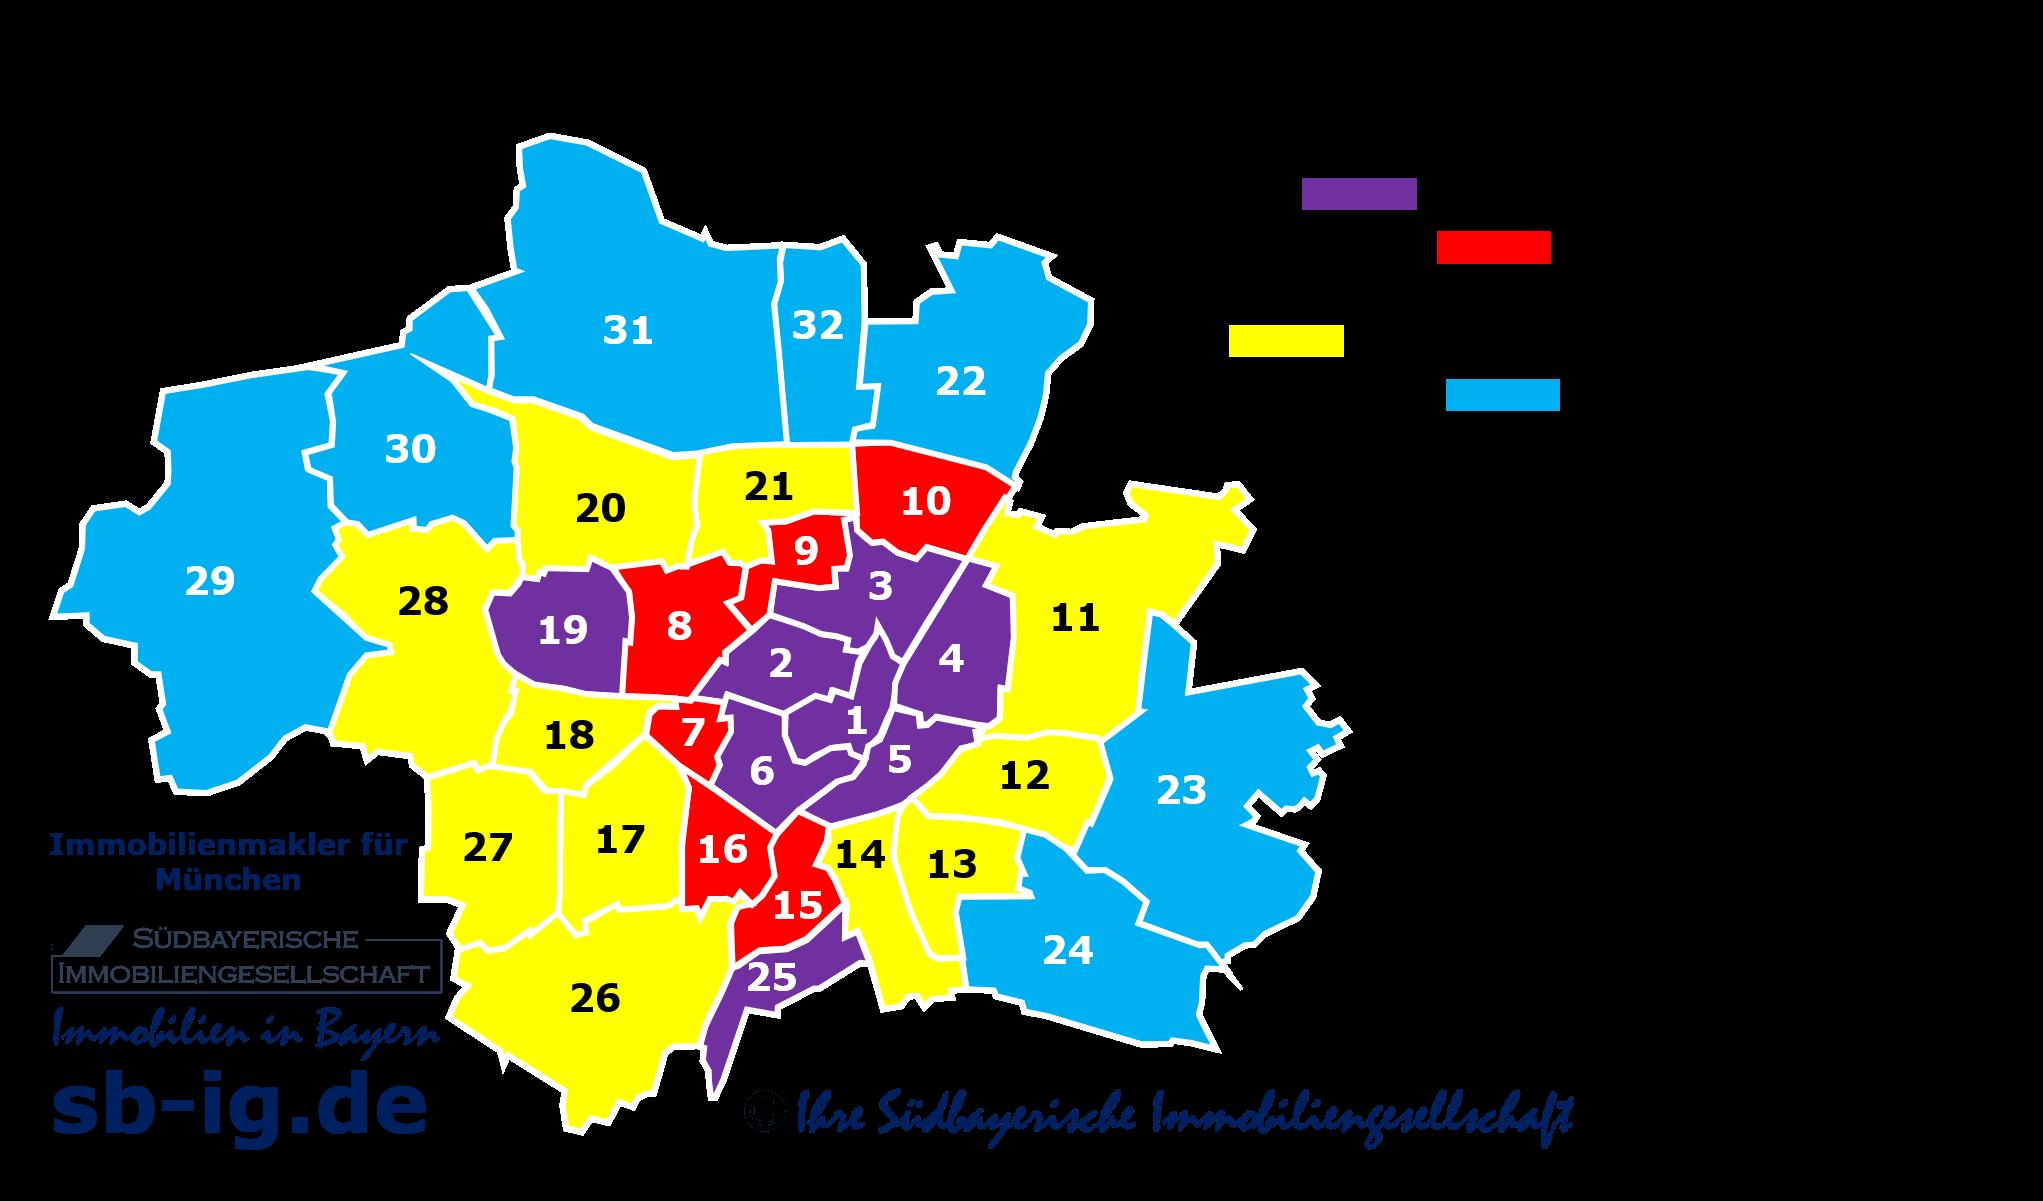 Karte München Stadtteile.Wohnqualität München Stadtteile Toplagen Wohnviertel